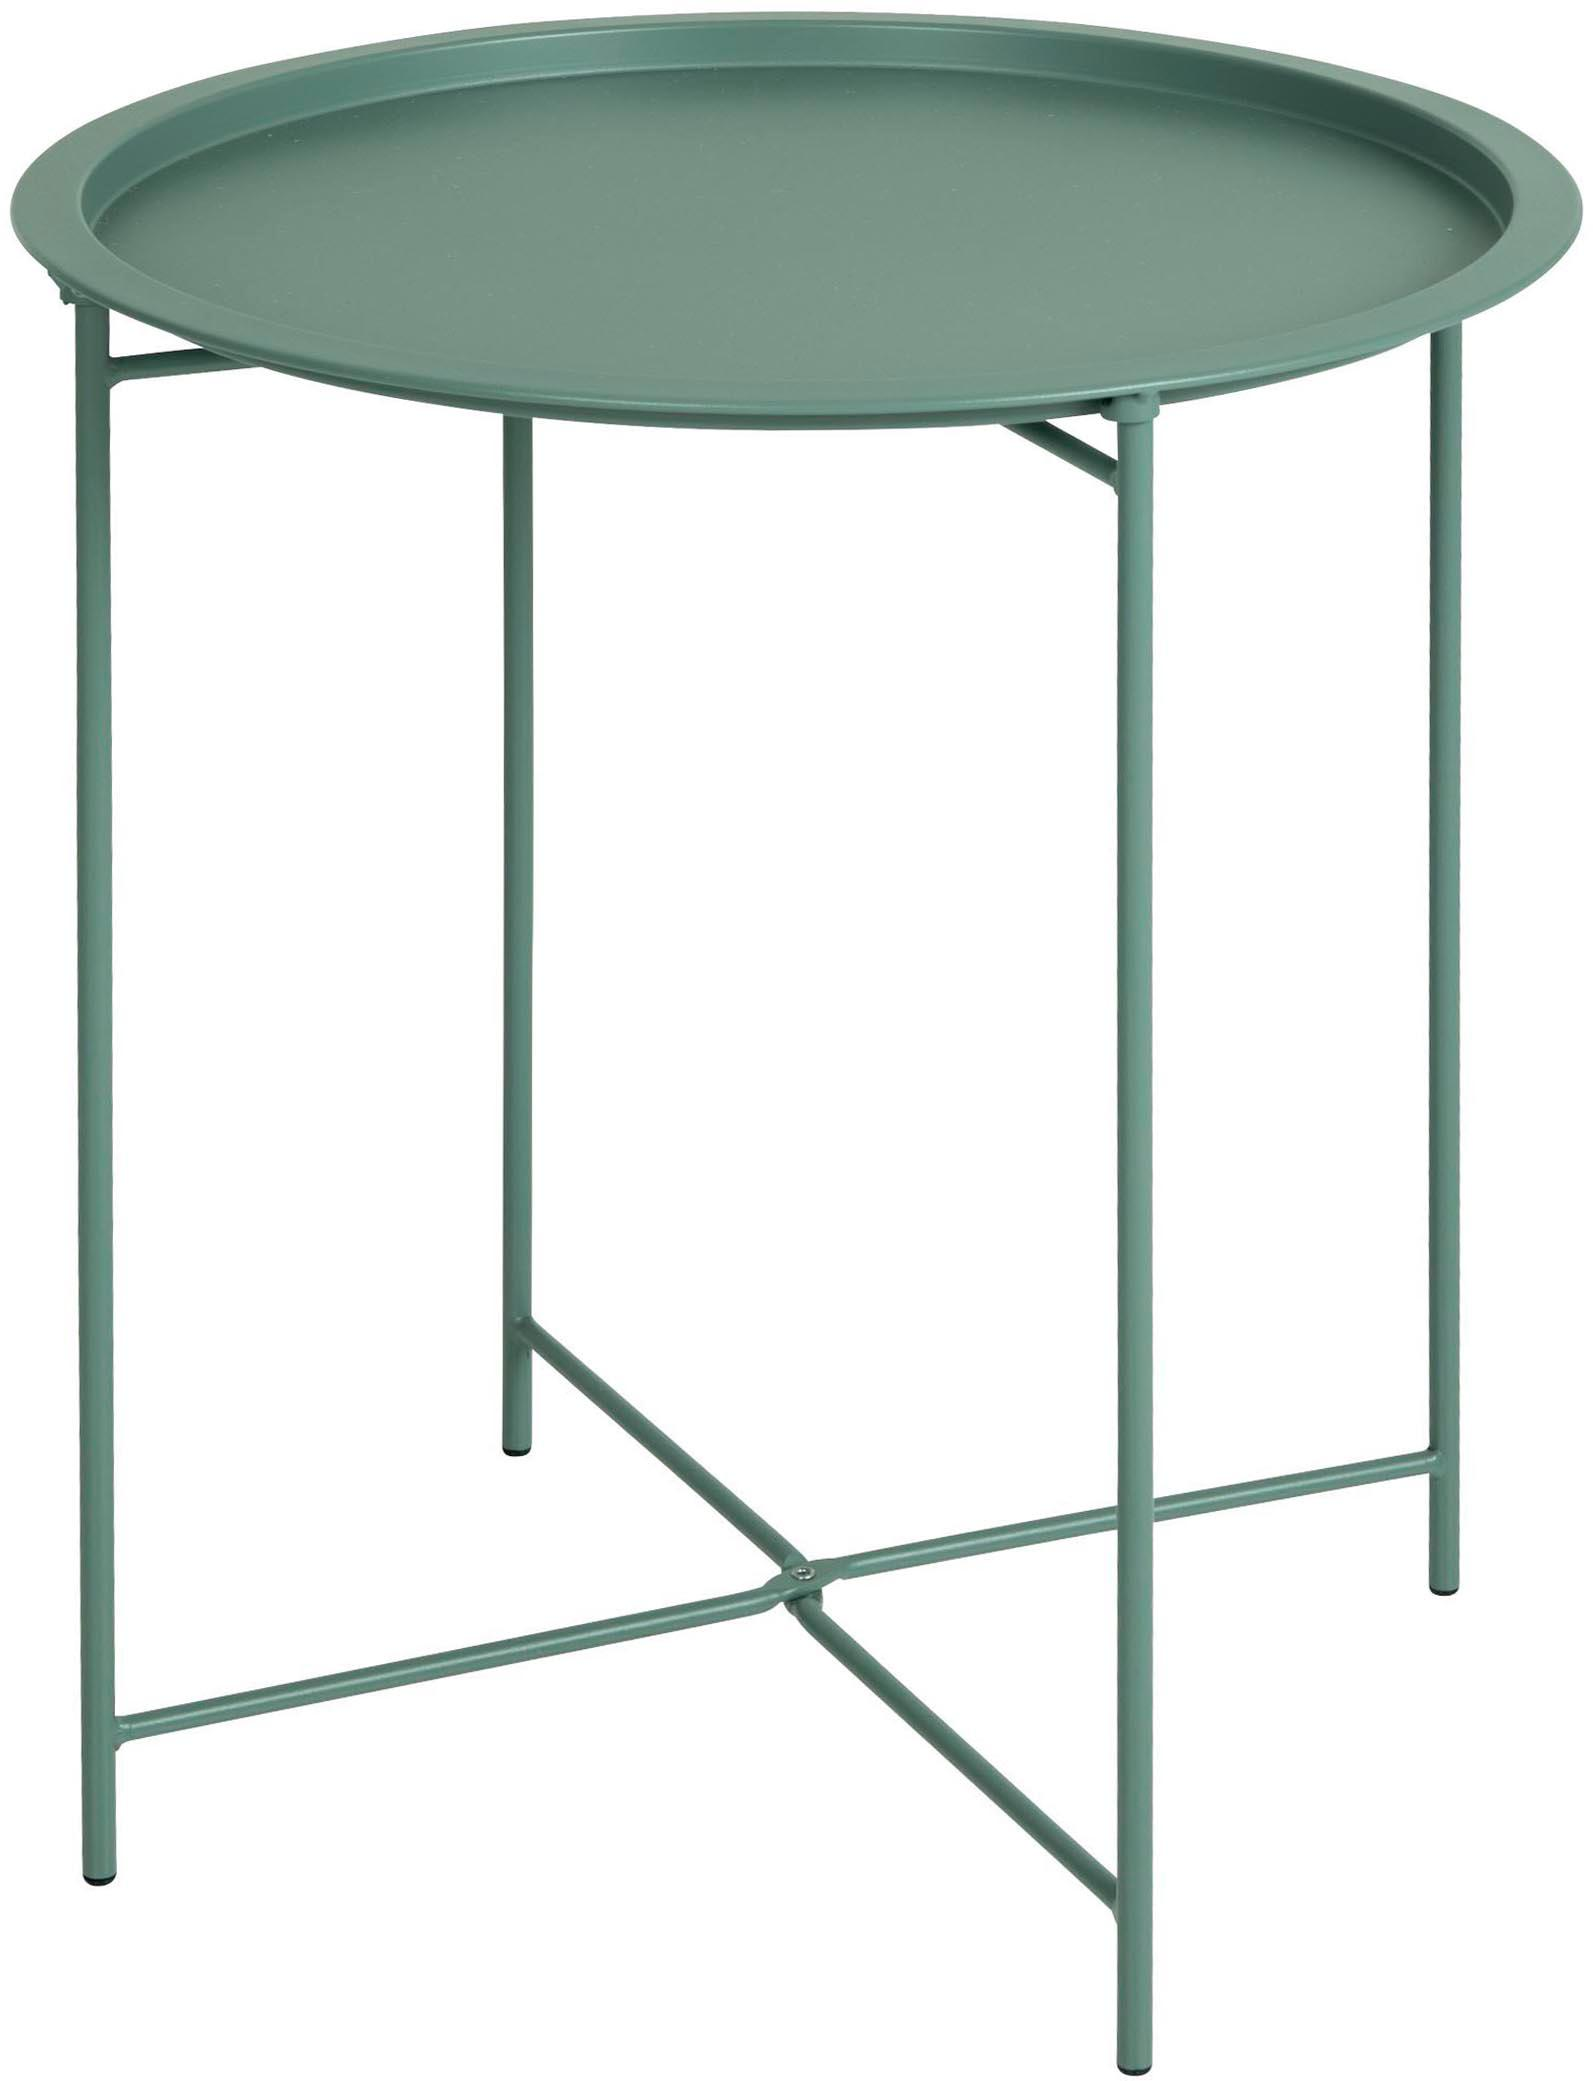 Mesa auxiliar con bandeja extraíble de metal Sangro, Metal con pintura en polvo, Verde, Ø 46 x Al 52 cm